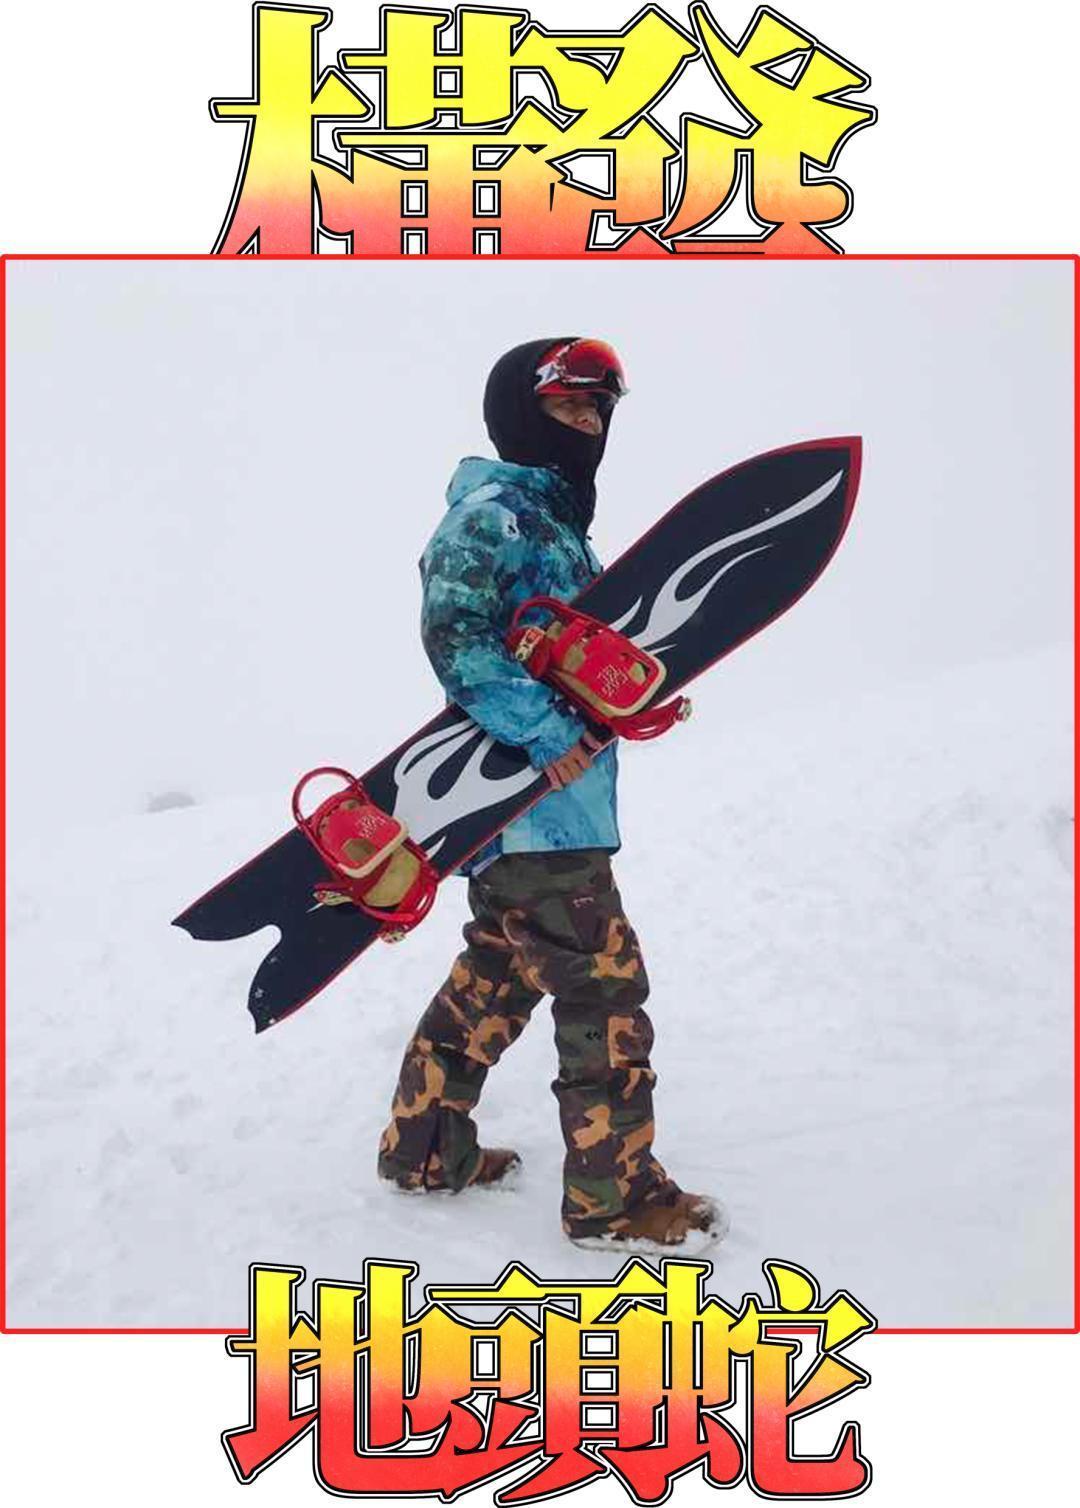 开个滑雪场能不能大发横财?